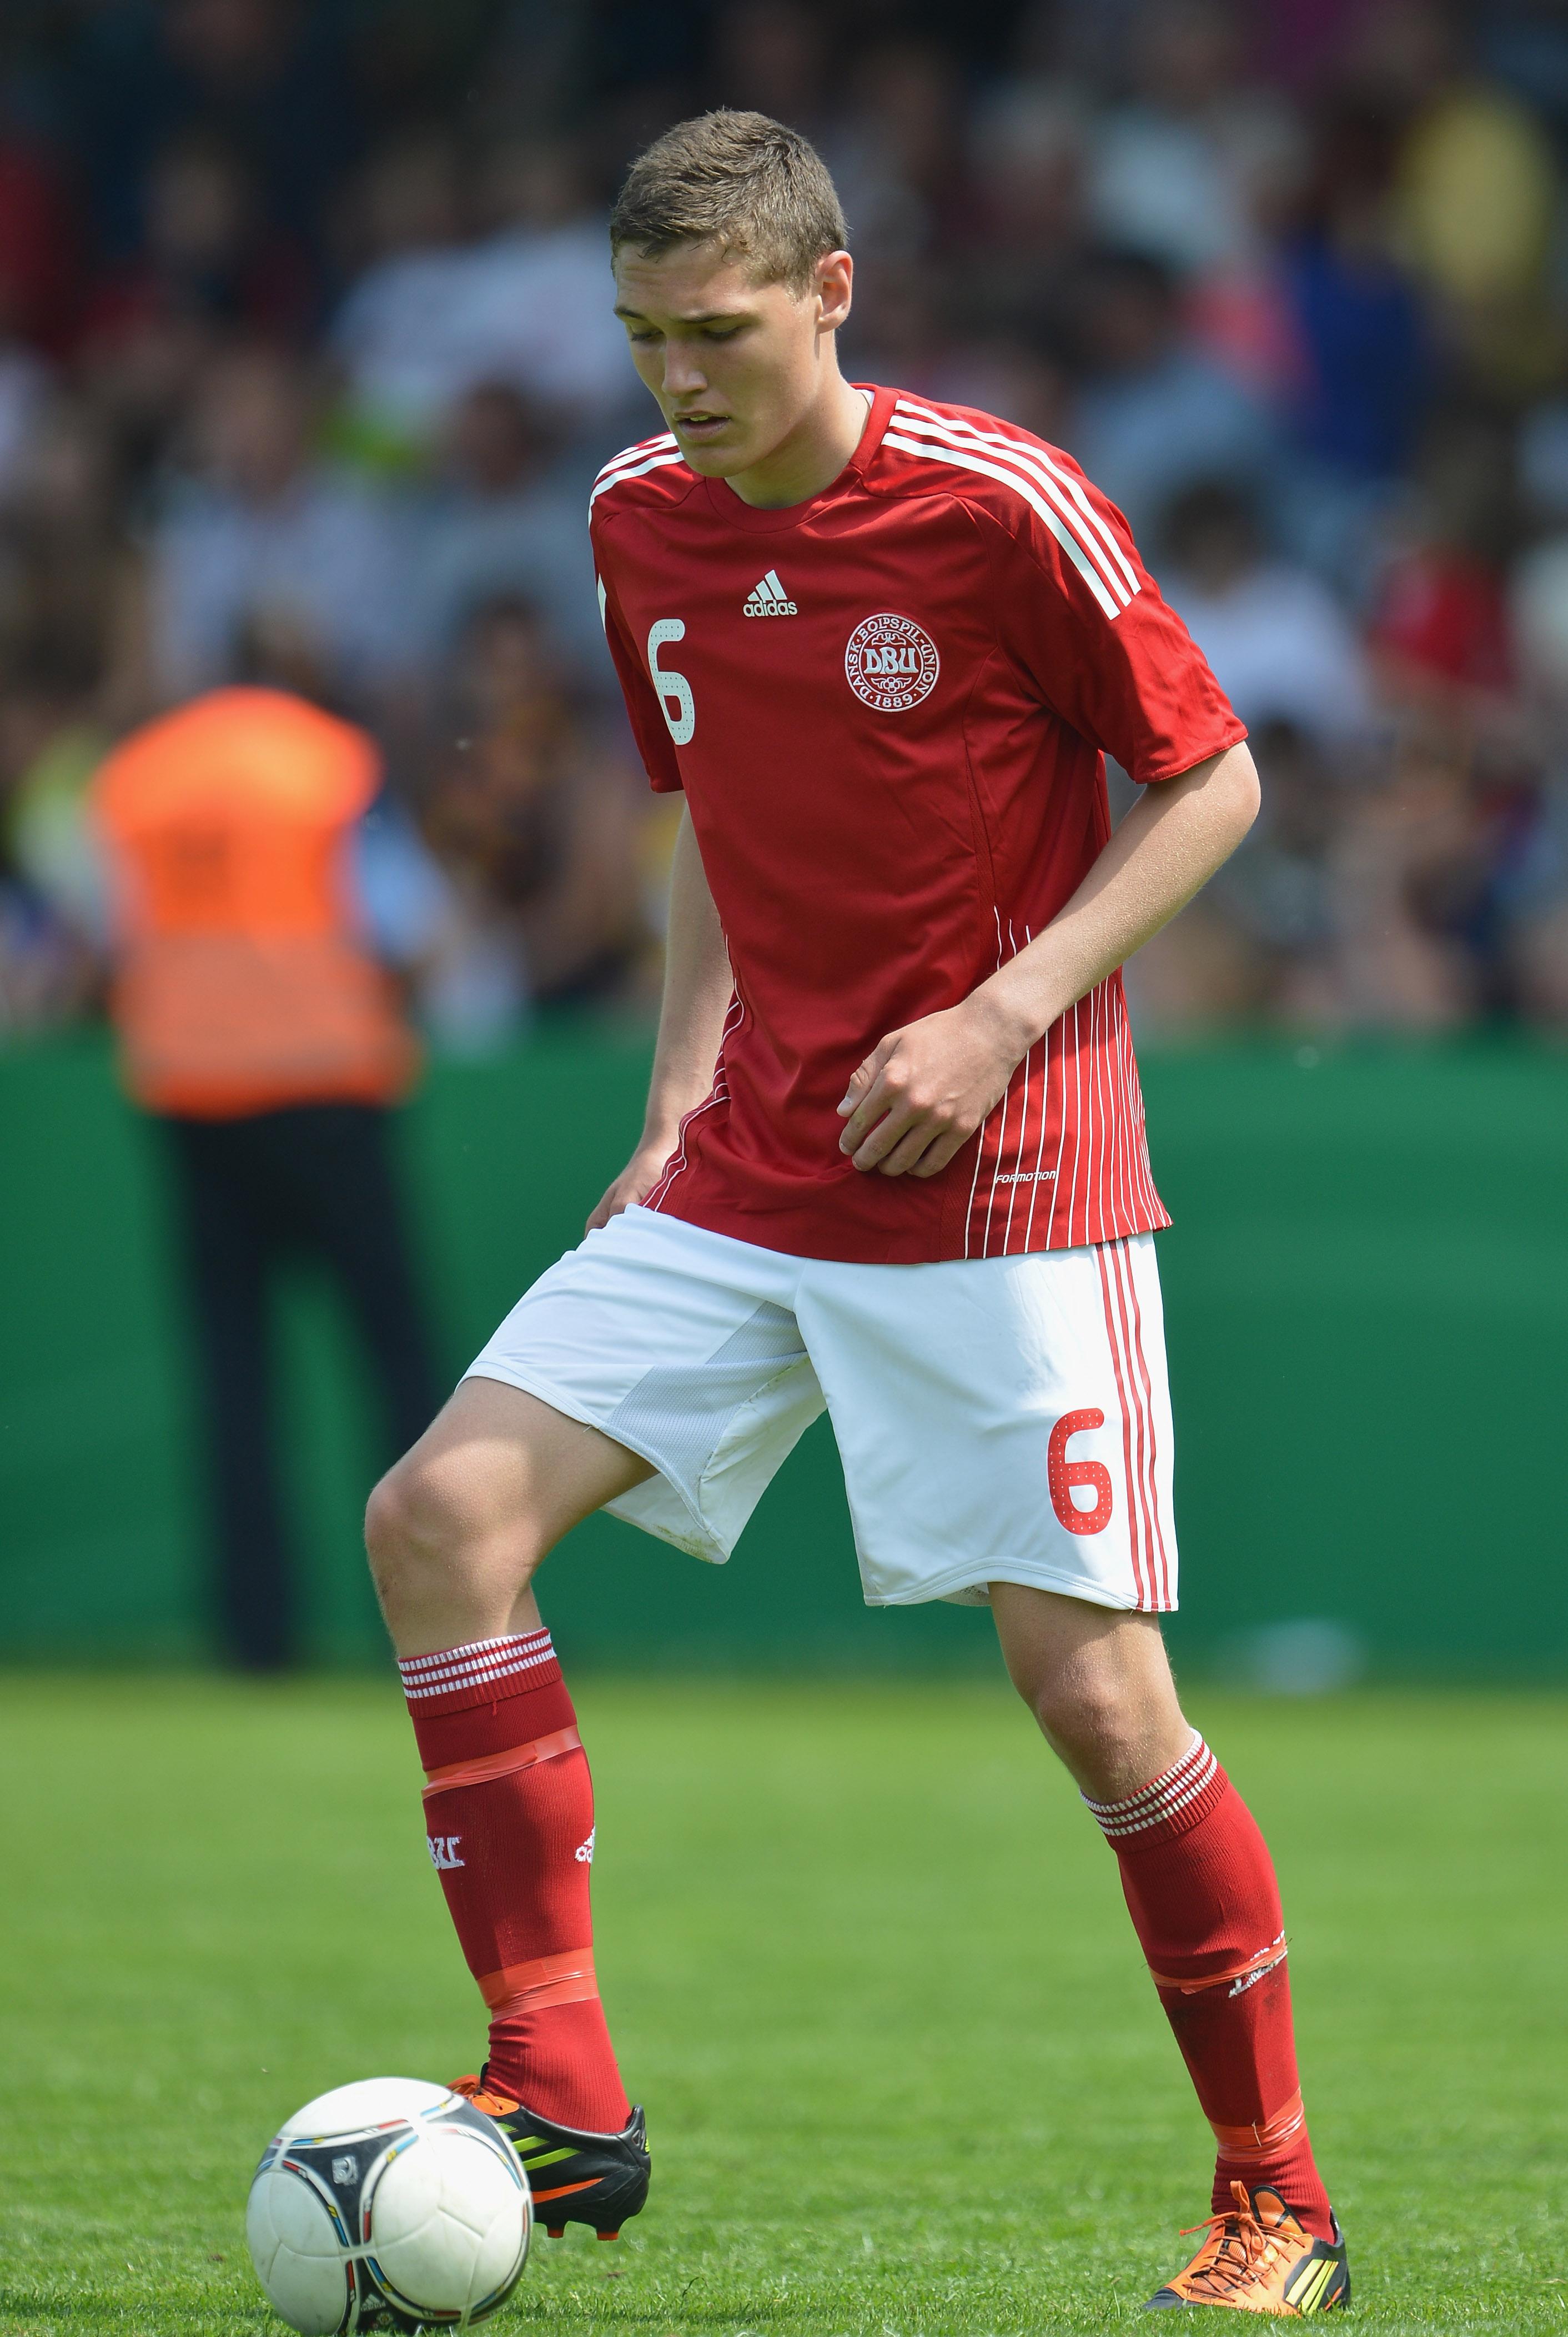 U16 Germany v U16 Denmark - International Friendly